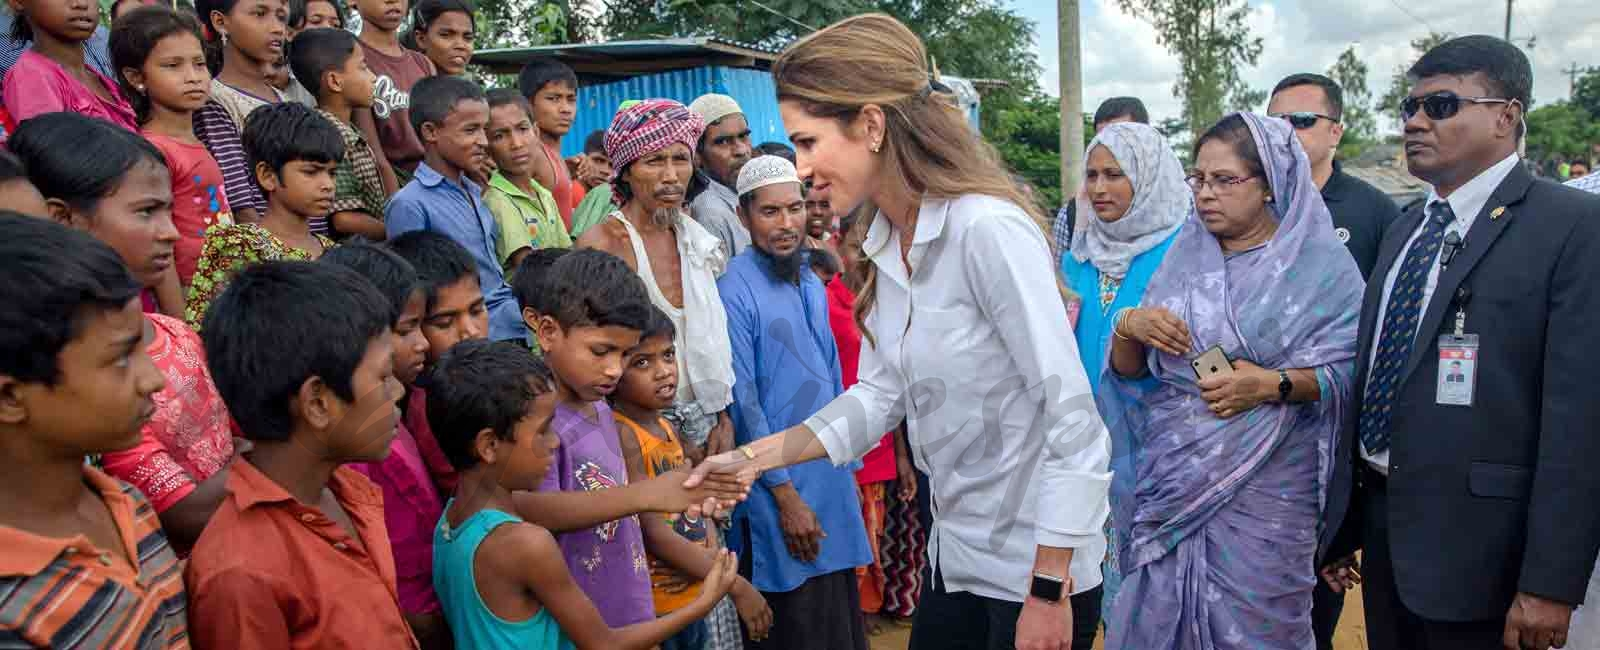 Rania de Jordania, una reina solidaria